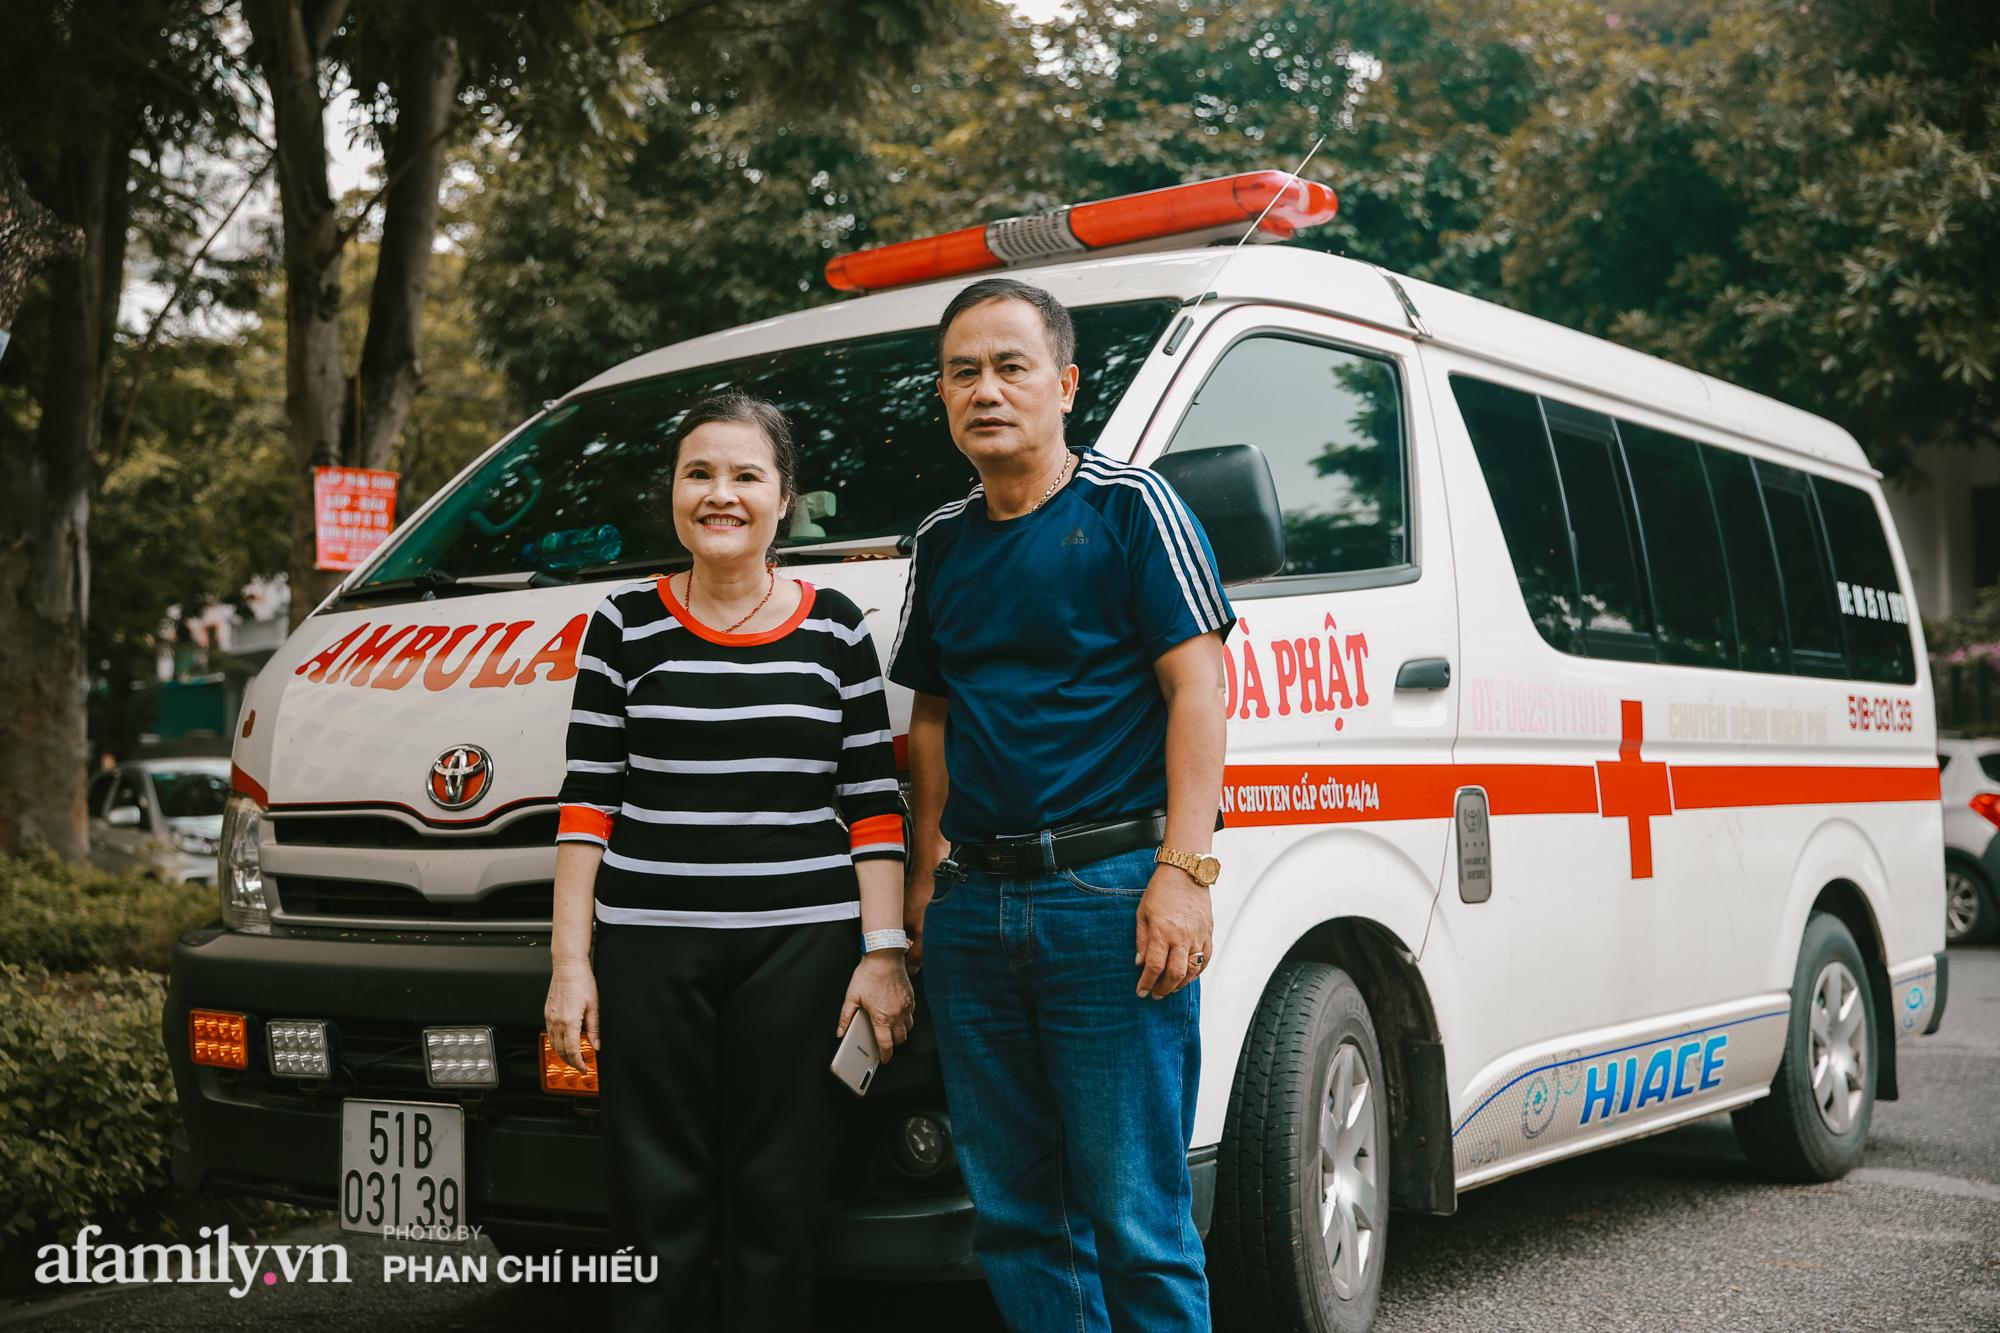 """Lạ! Trên đời có người phụ nữ bán đất mua xe cứu thương giúp người nghèo vượt qua """"bậc thềm"""" sinh tử, cùng chuyến đi định mệnh đưa xác bệnh nhi vượt 300km trở về với gia đình gần biên giới Việt - Lào - Ảnh 10."""